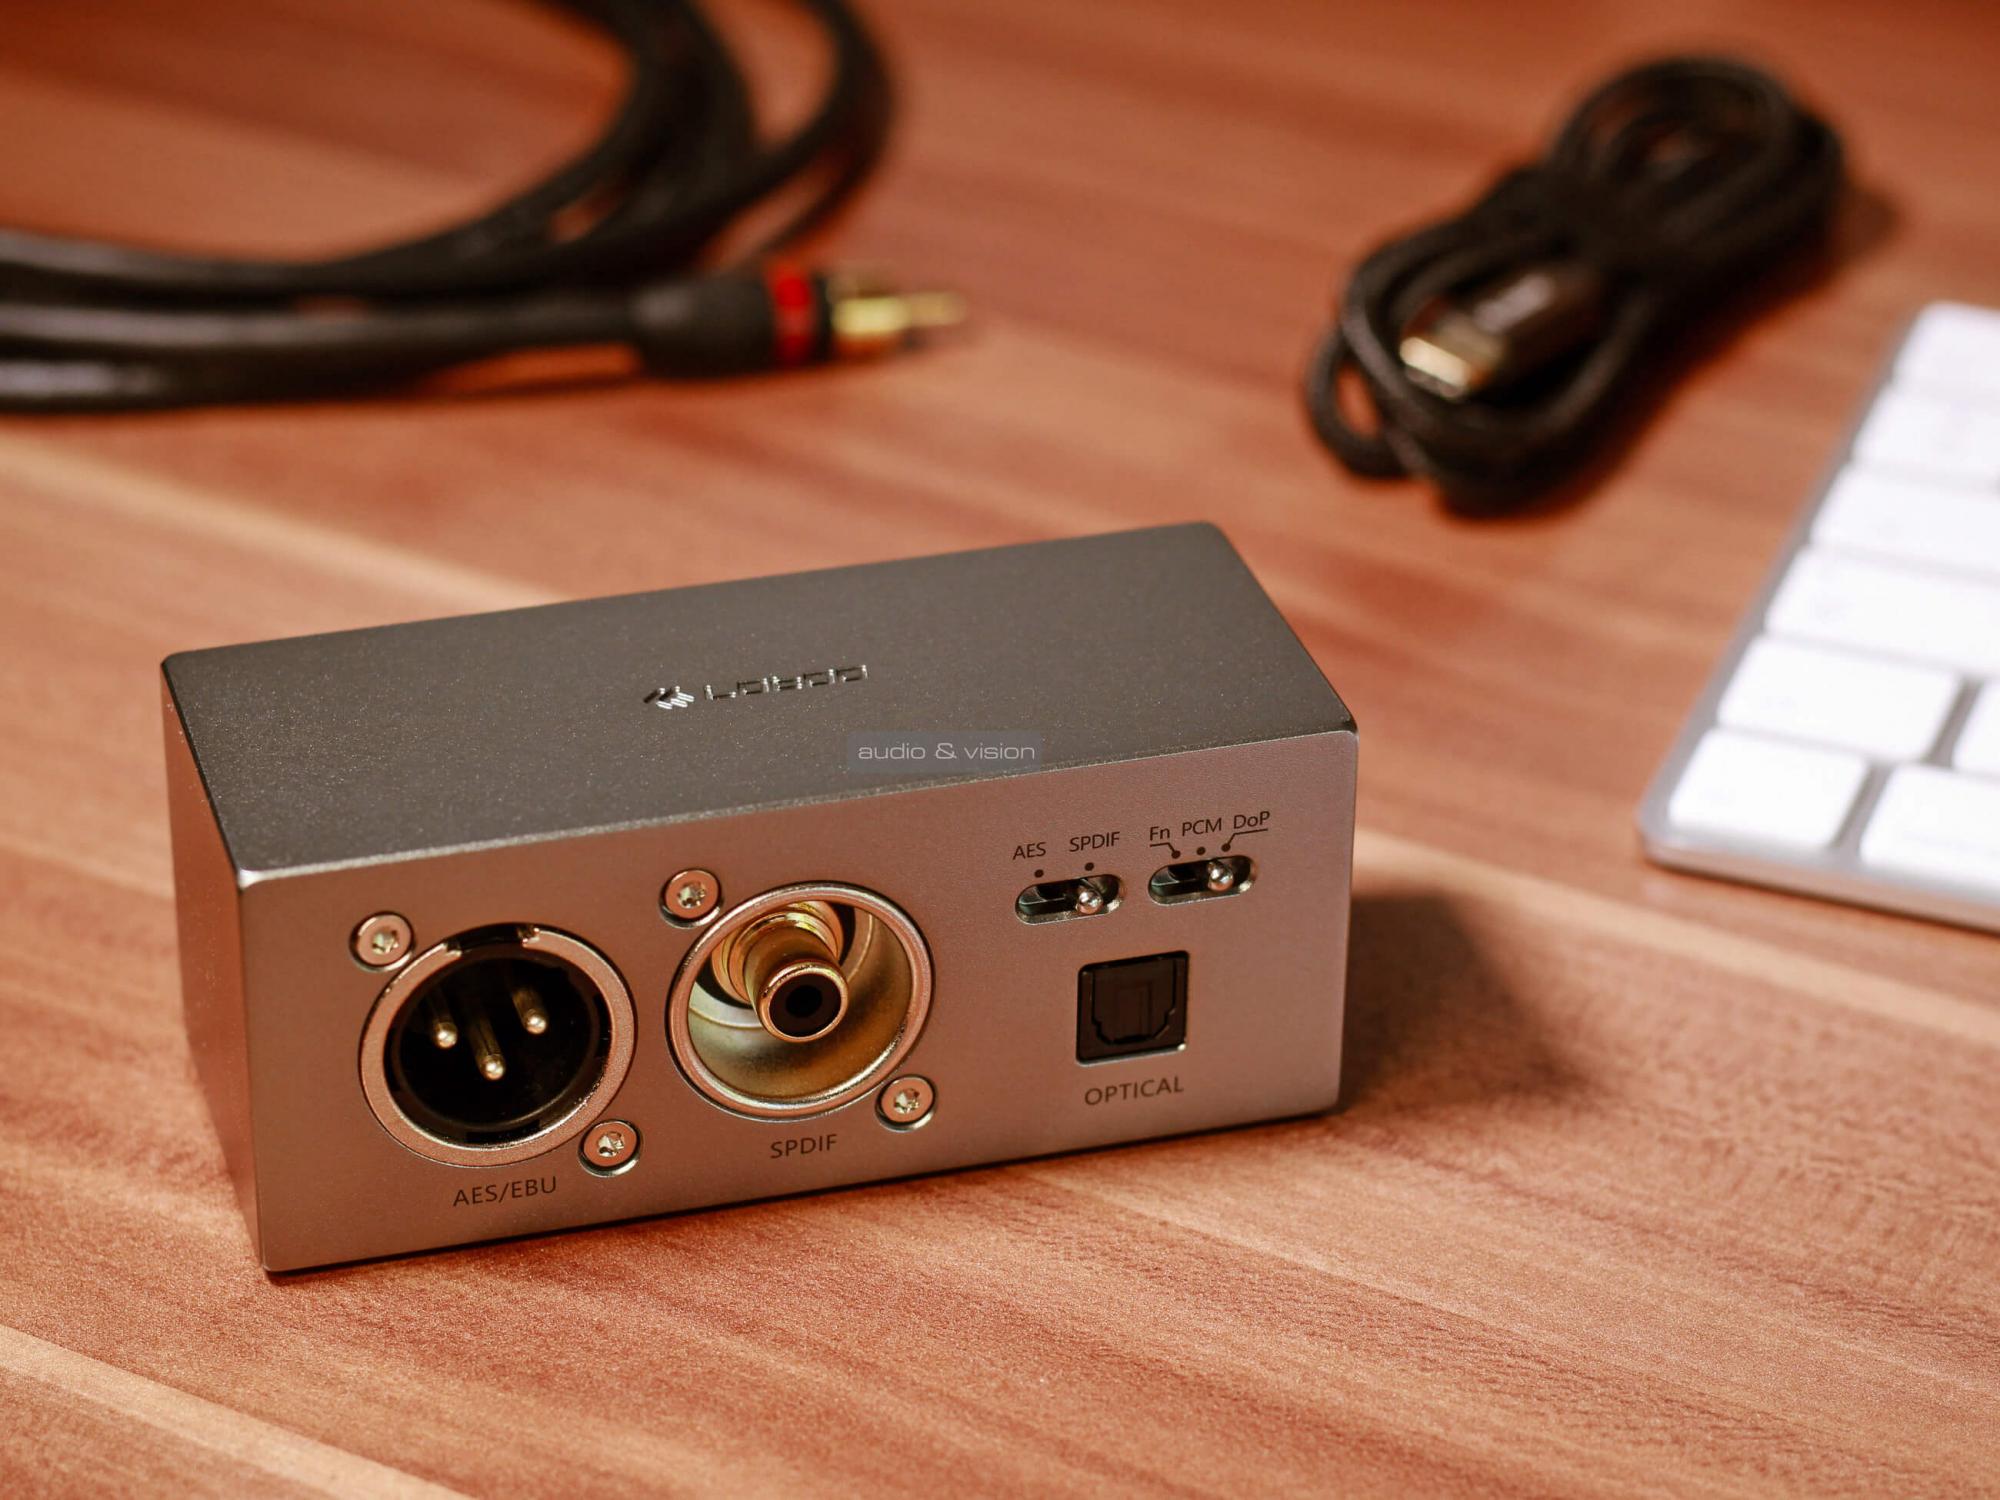 Lotoo PAW D1 USB digitális audio interfész teszt